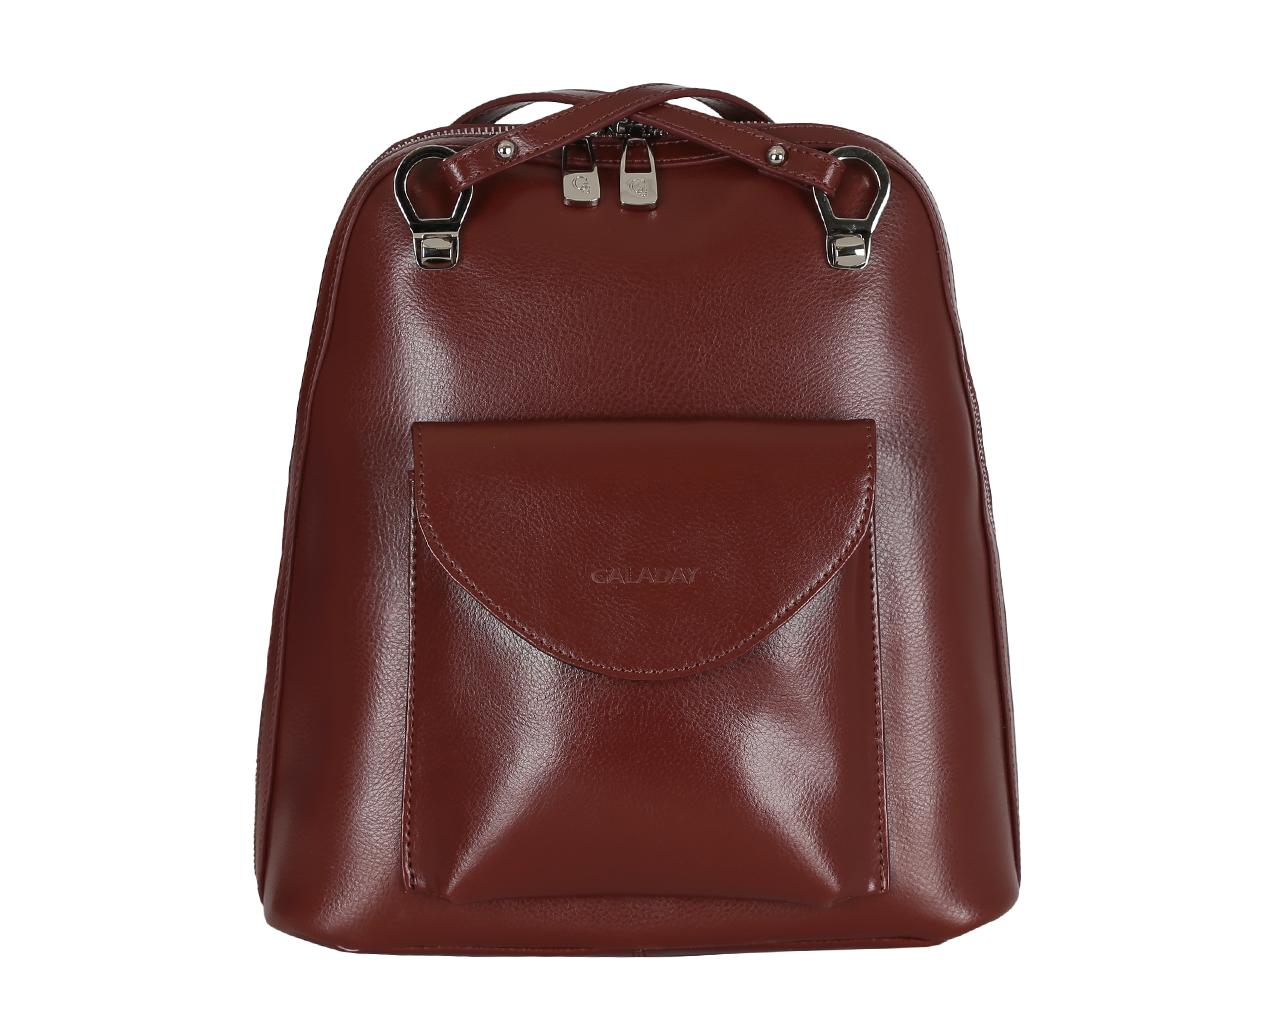 Рюкзак женский Galaday, цвет: коричневый. GD3238GD3238-coffeeСтильный женский рюкзак Galaday выполнен из натуральной кожи с зернистой фактурой, оформлен тиснением с символикой бренда и металлической фурнитурой. Изделие содержит одно отделение, которое закрывается на молнию. Внутри расположены два накладных кармана для телефона и всяких мелочей, карман-средник на молнии, а также врезной карман на молнии. Снаружи, на лицевой стенке сумки размещен накладной карман на магнитной кнопке. Изделие оснащено двумя практичными лямками, длина которых регулируется с помощью пряжек. Дно рюкзака дополнено металлическими ножками, которые защитят изделие от повреждений. Рюкзак Galaday прекрасно дополнит образ и подчеркнет ваш неповторимый стиль.